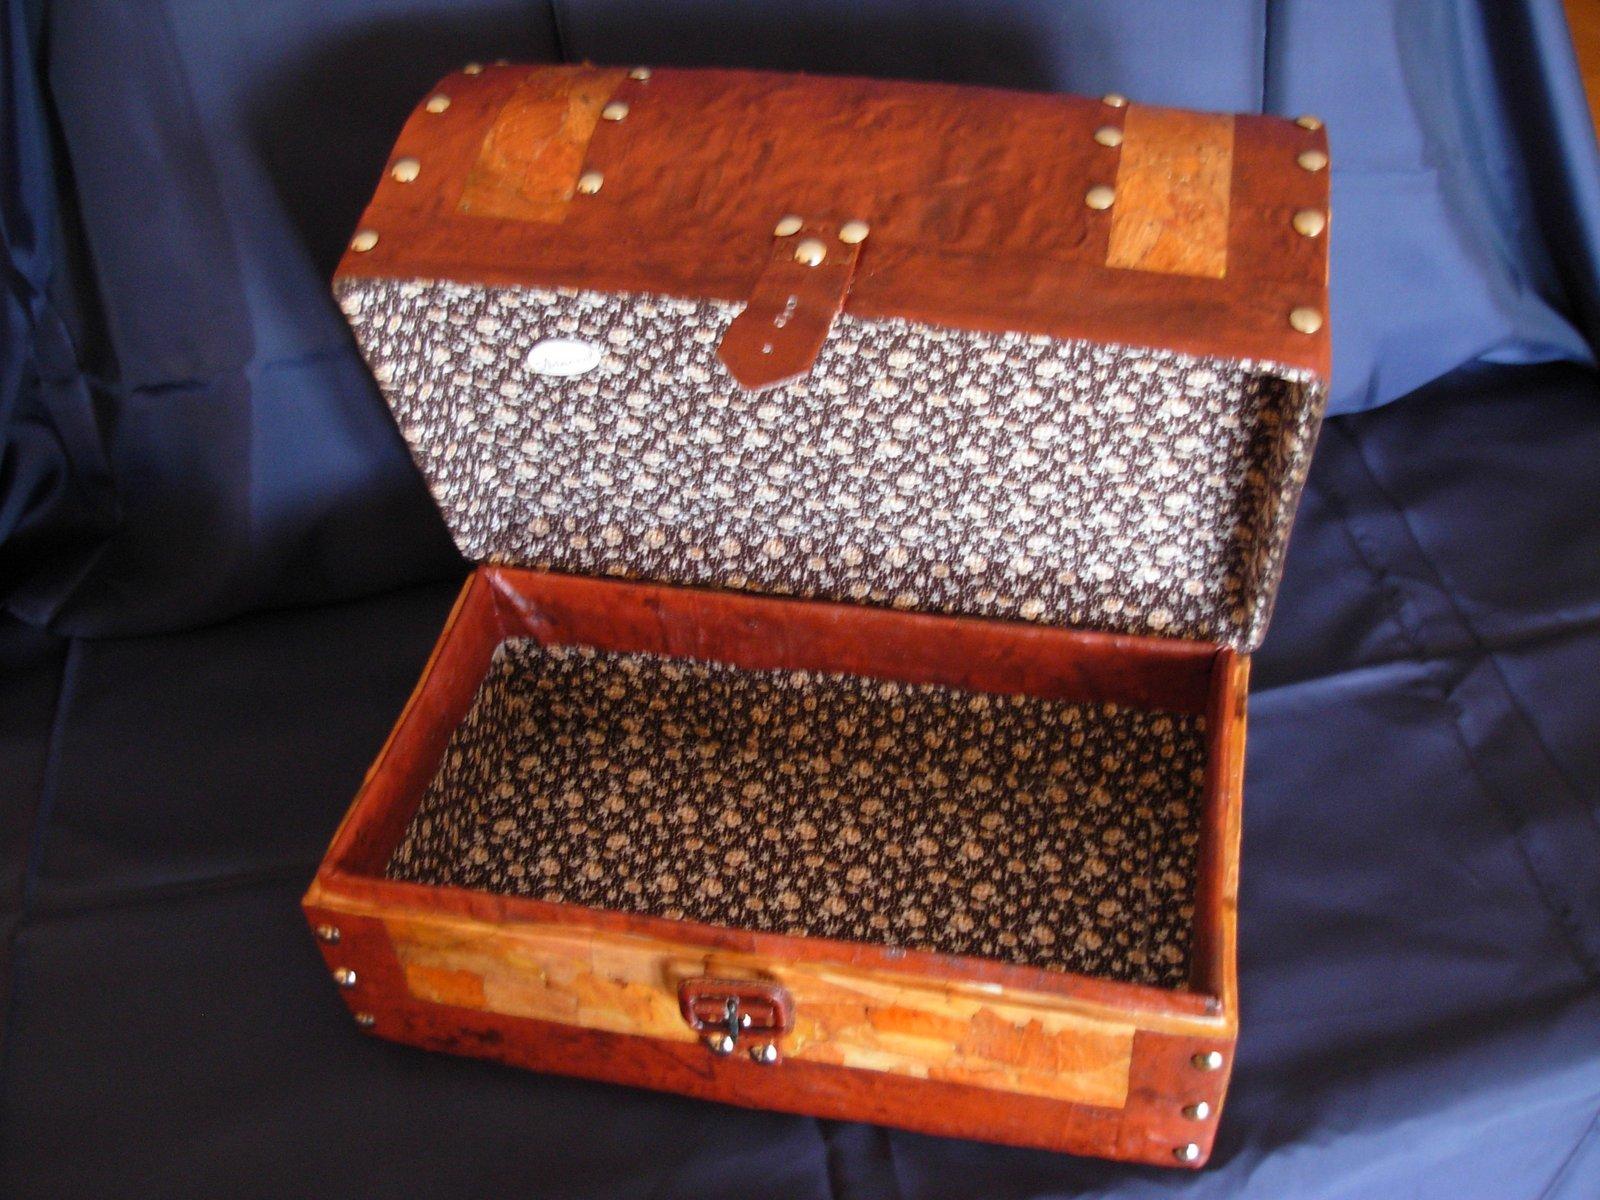 #AC411F material reciclado como es cascara de cebolla y otros materiales 1600x1200 px Banheiros Decorados Com Material Reciclado 1203